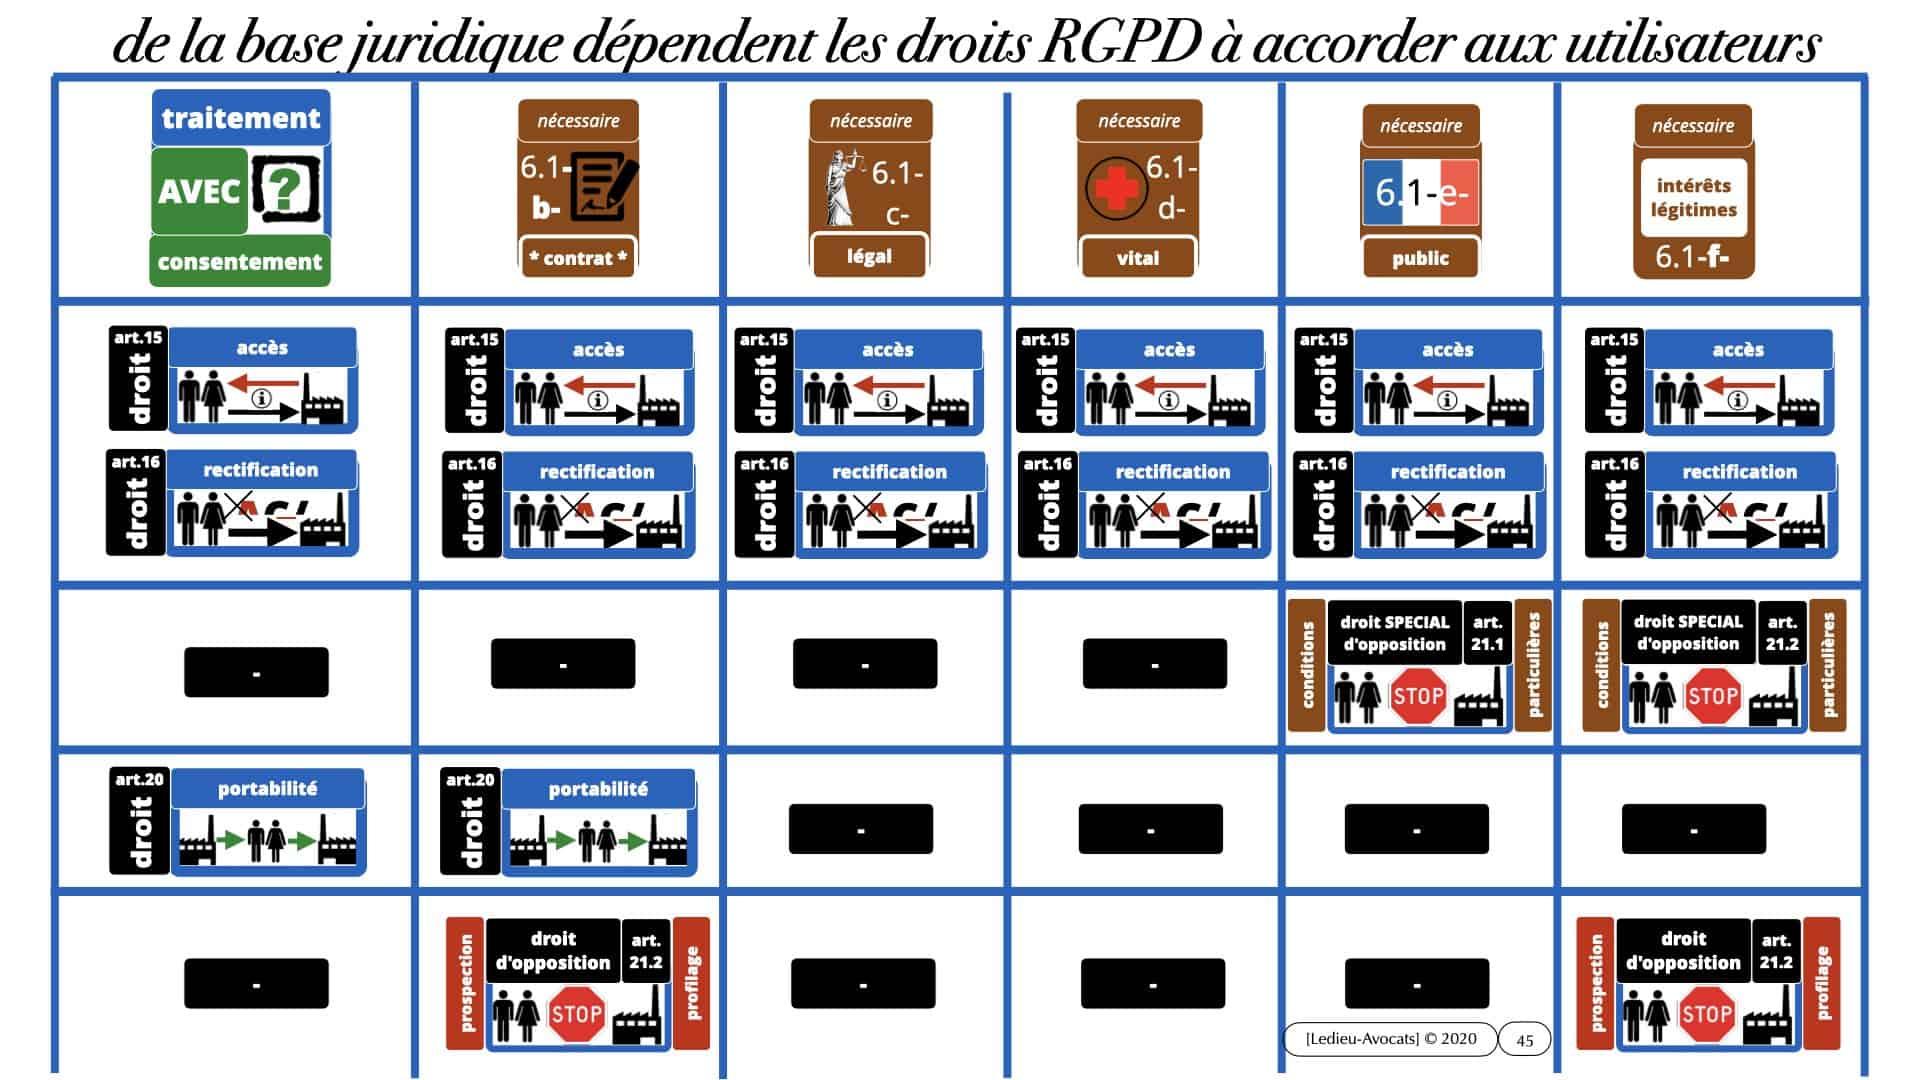 RGPD délibération CNIL Spartoo du 28 juillet 2020 n°SAN 2020-003 *16:9* ©Ledieu-Avocats 19-09-2020.045